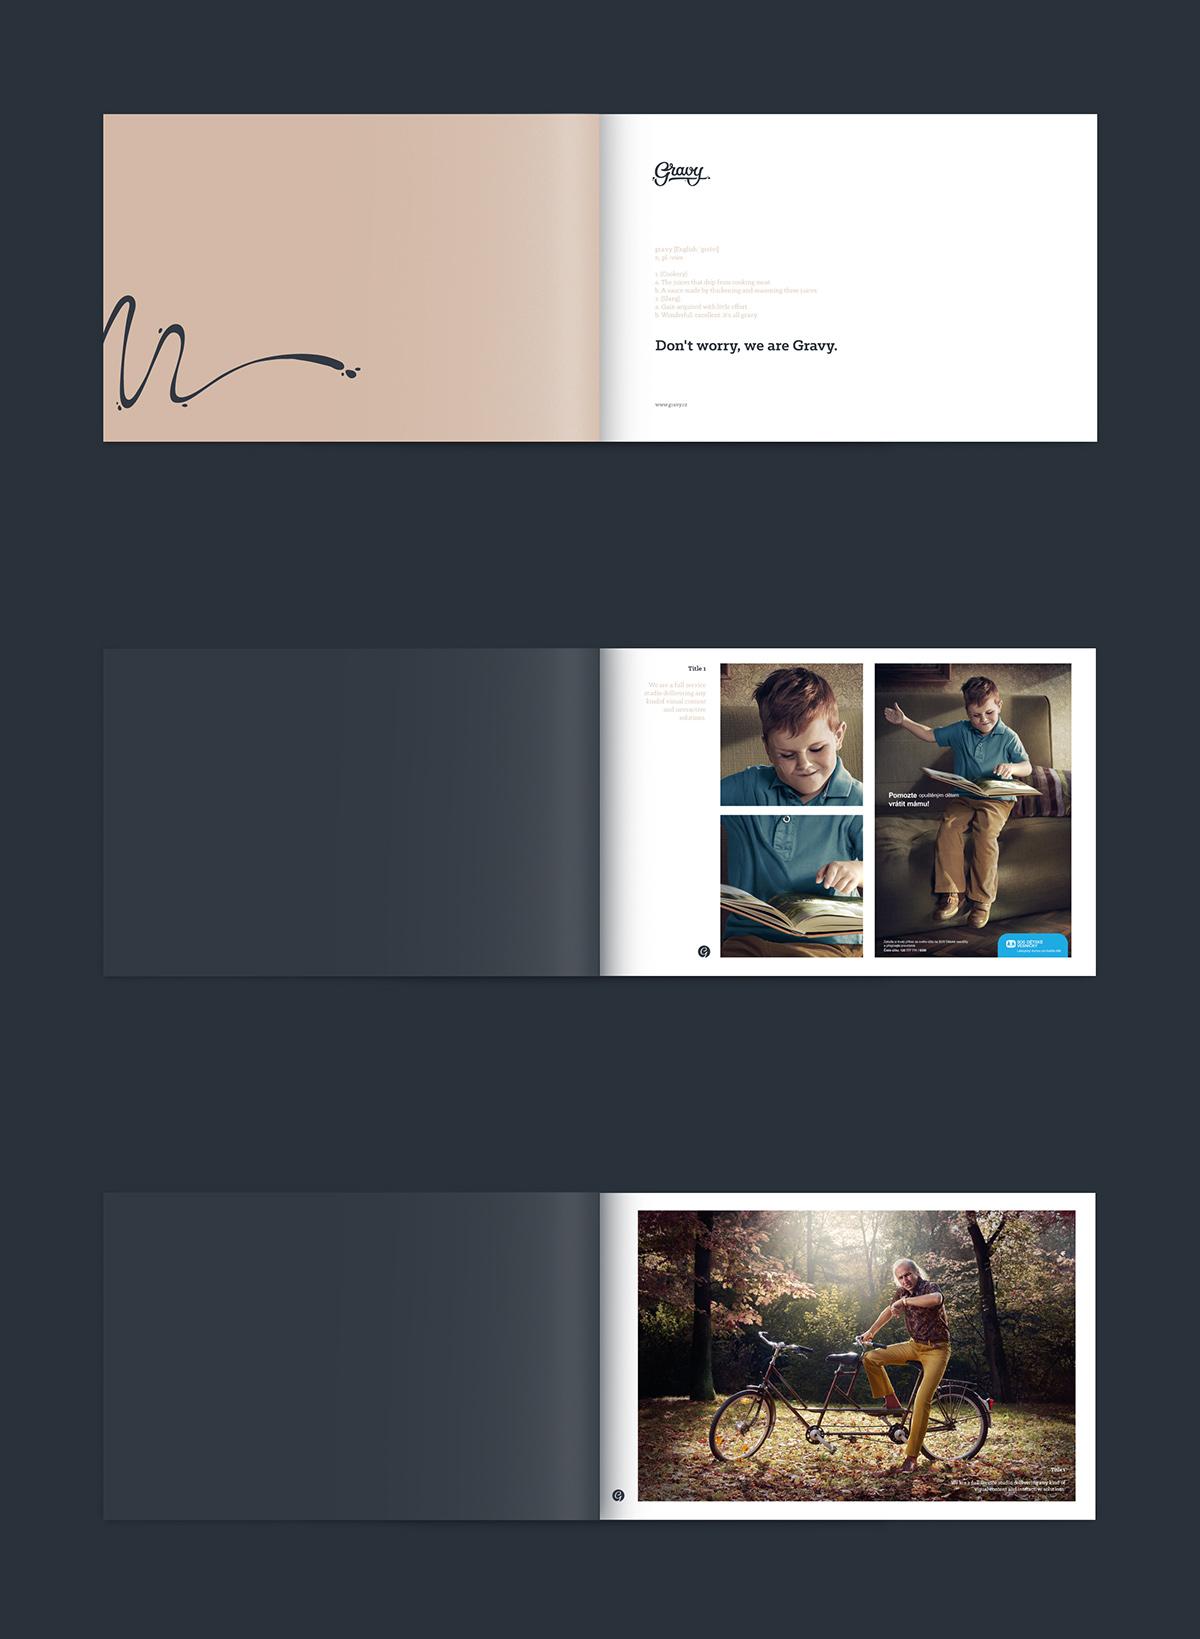 bec9f515660781.562957b861910 - هویت بصری سازمانی: چند نمونه از بهترین طراحیهای هویت بصری